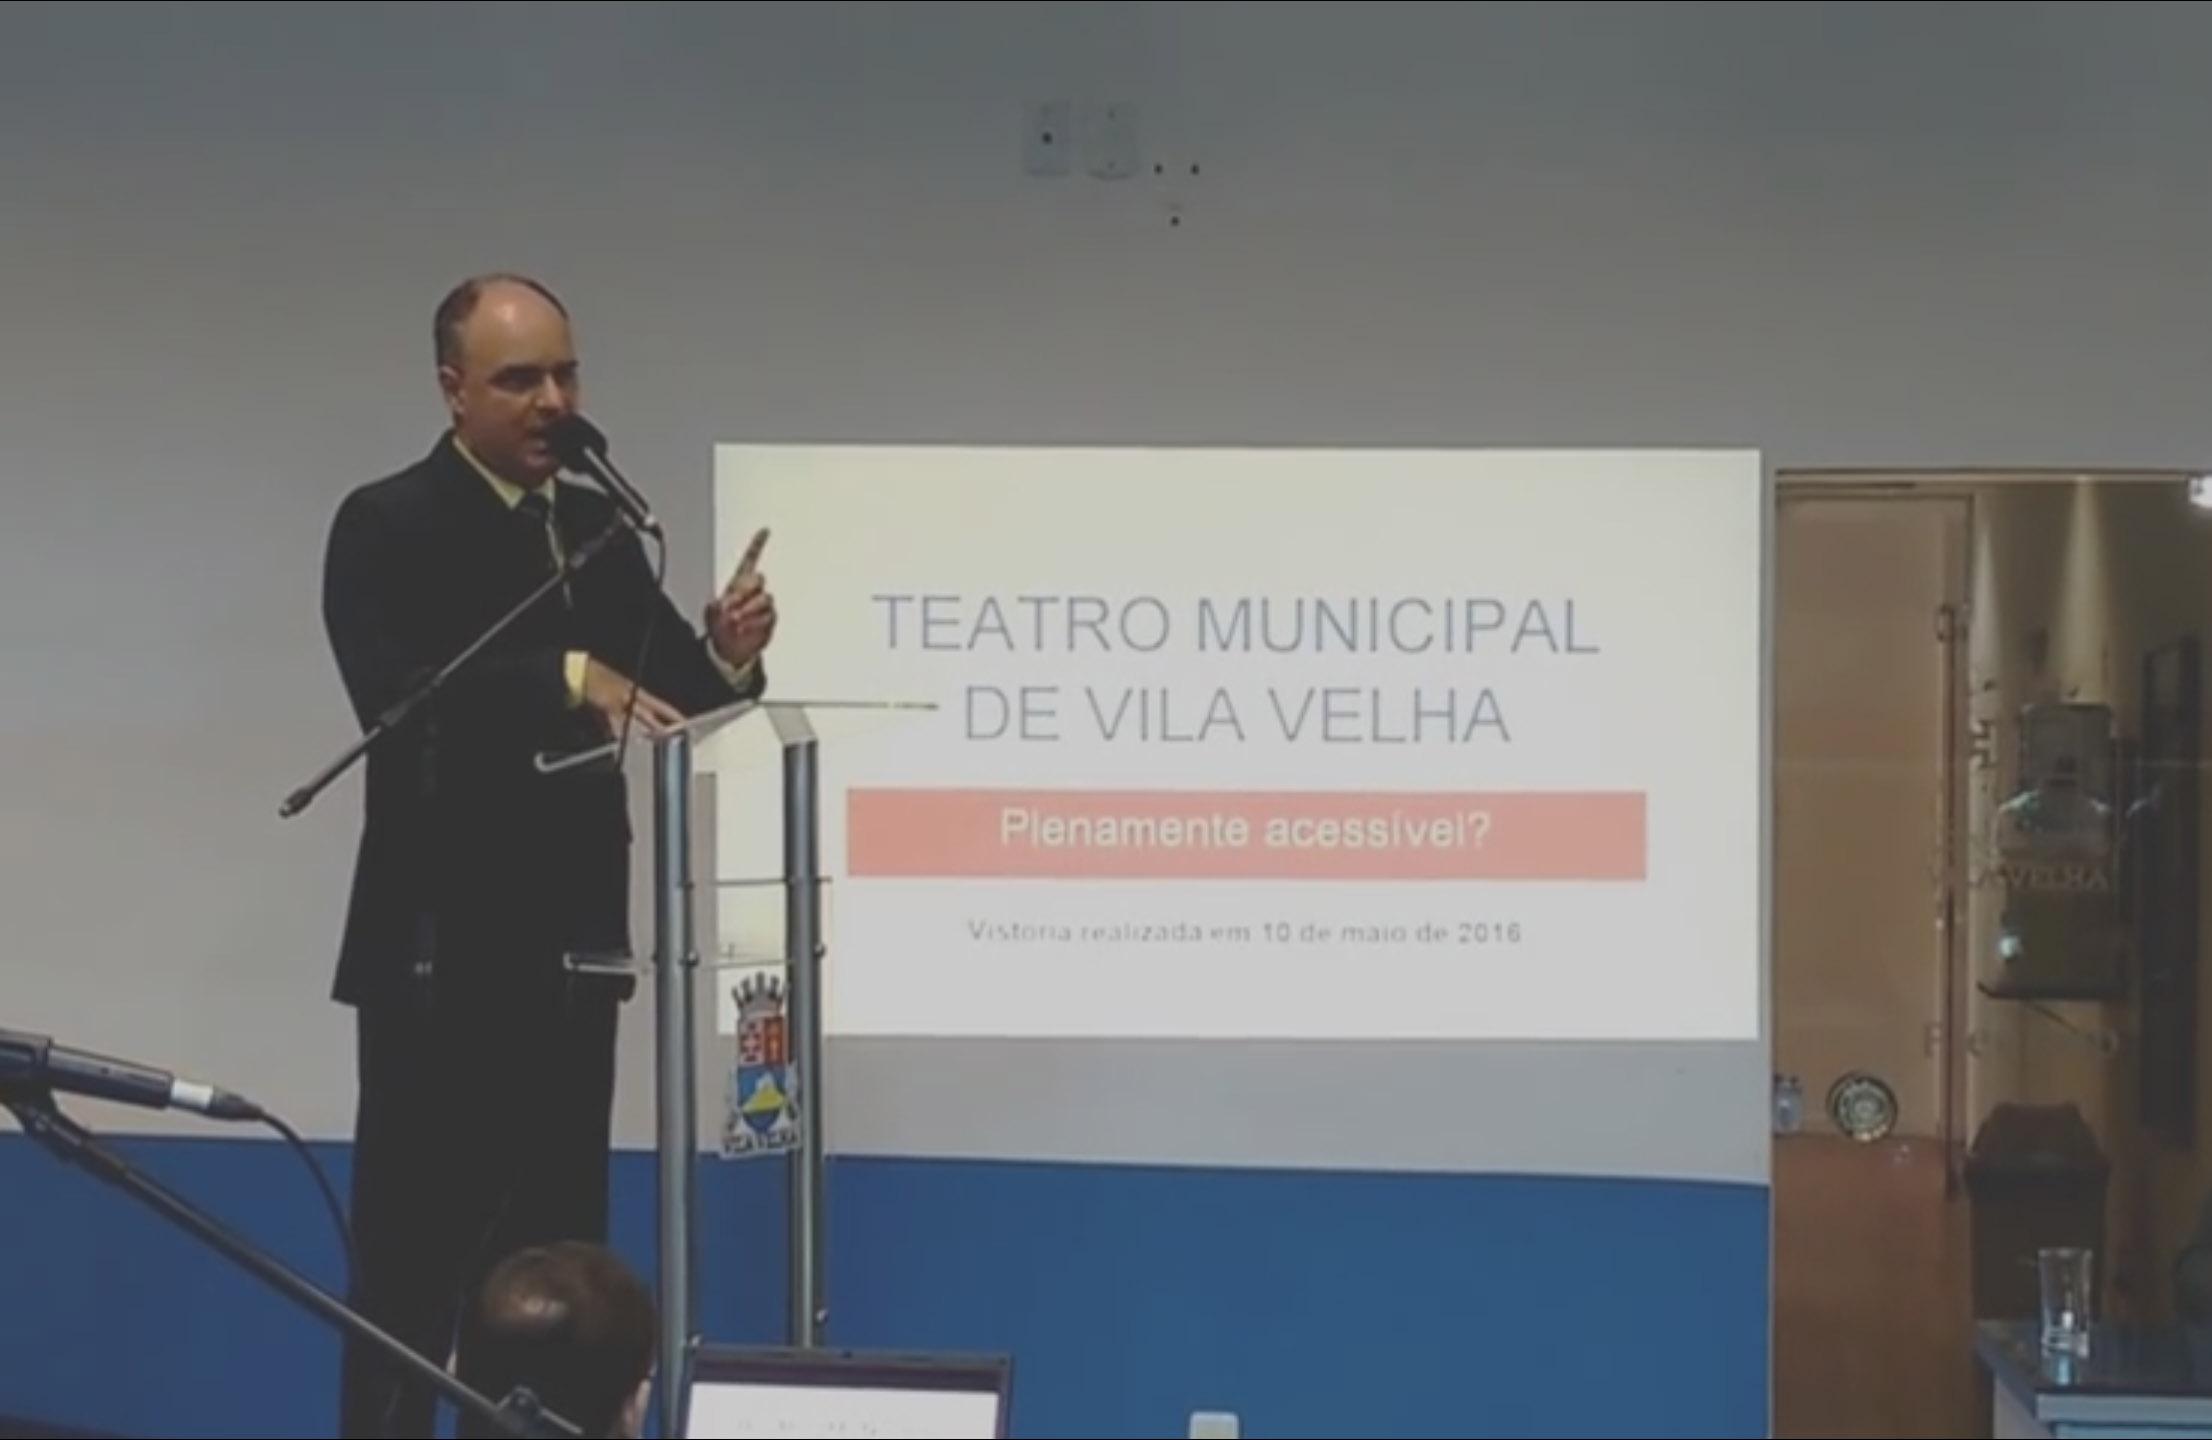 Chiabai denuncia falta de acessibilidade no Teatro Municipal de Vila Velha